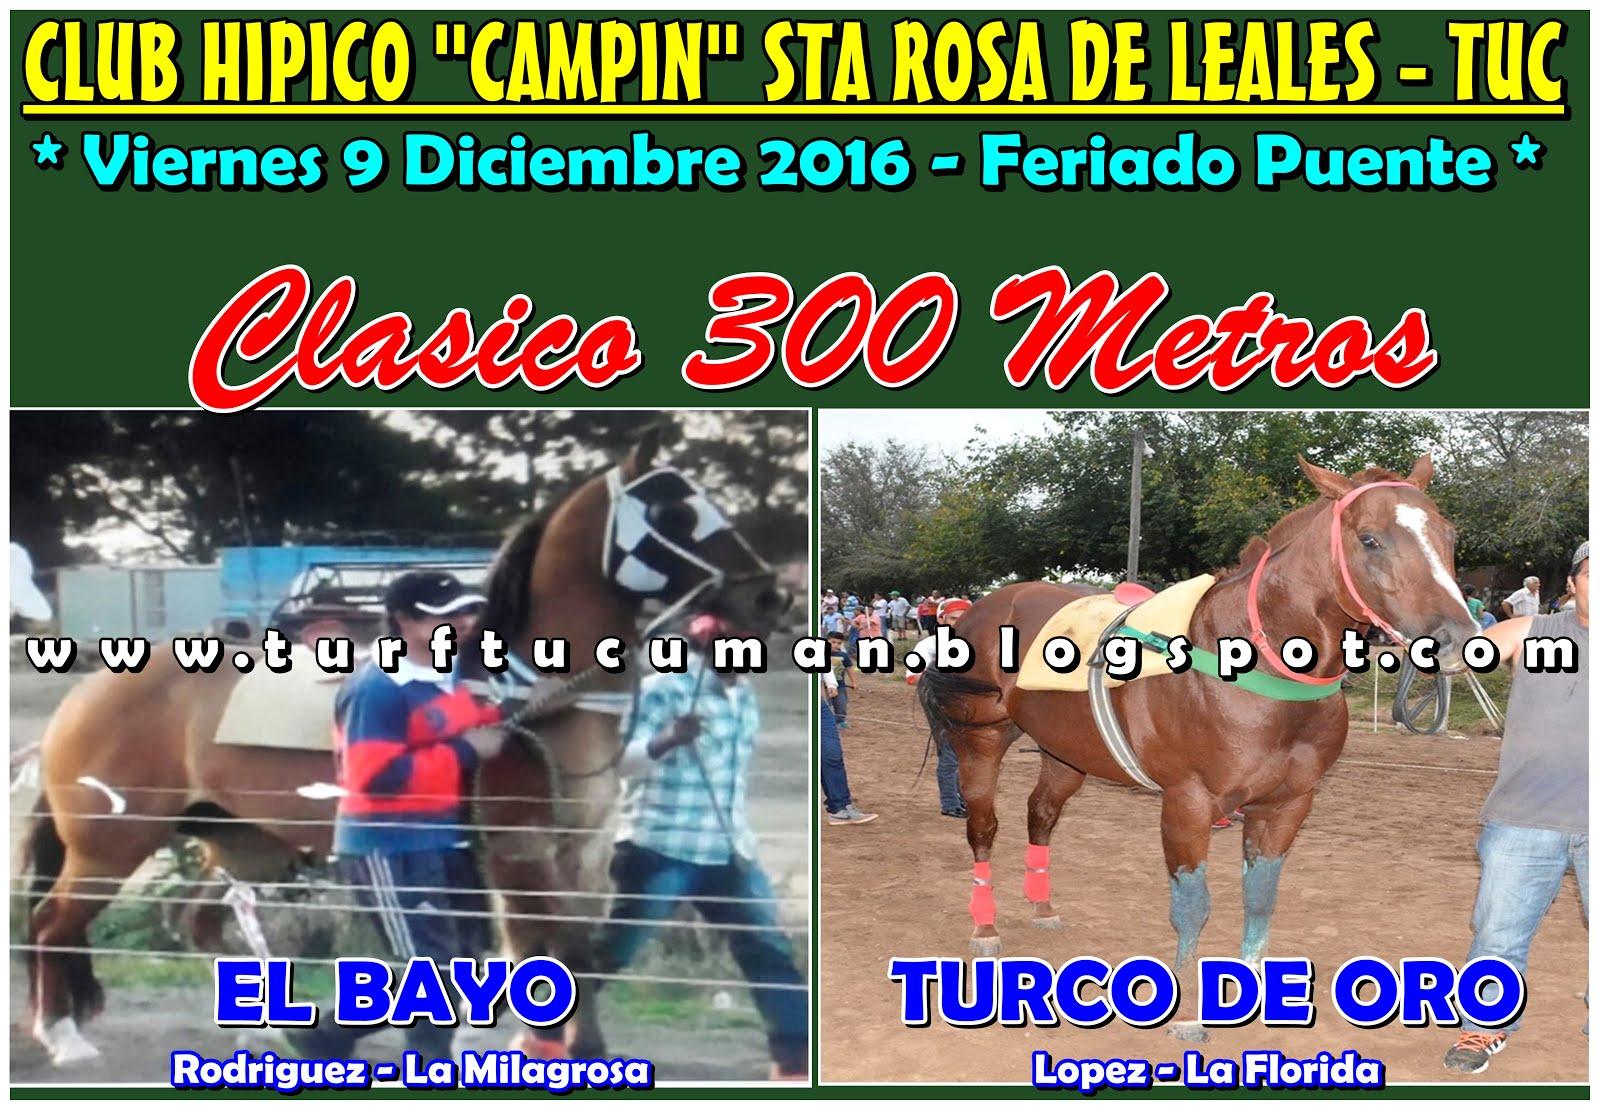 BAYO VS TURCO DE ORO